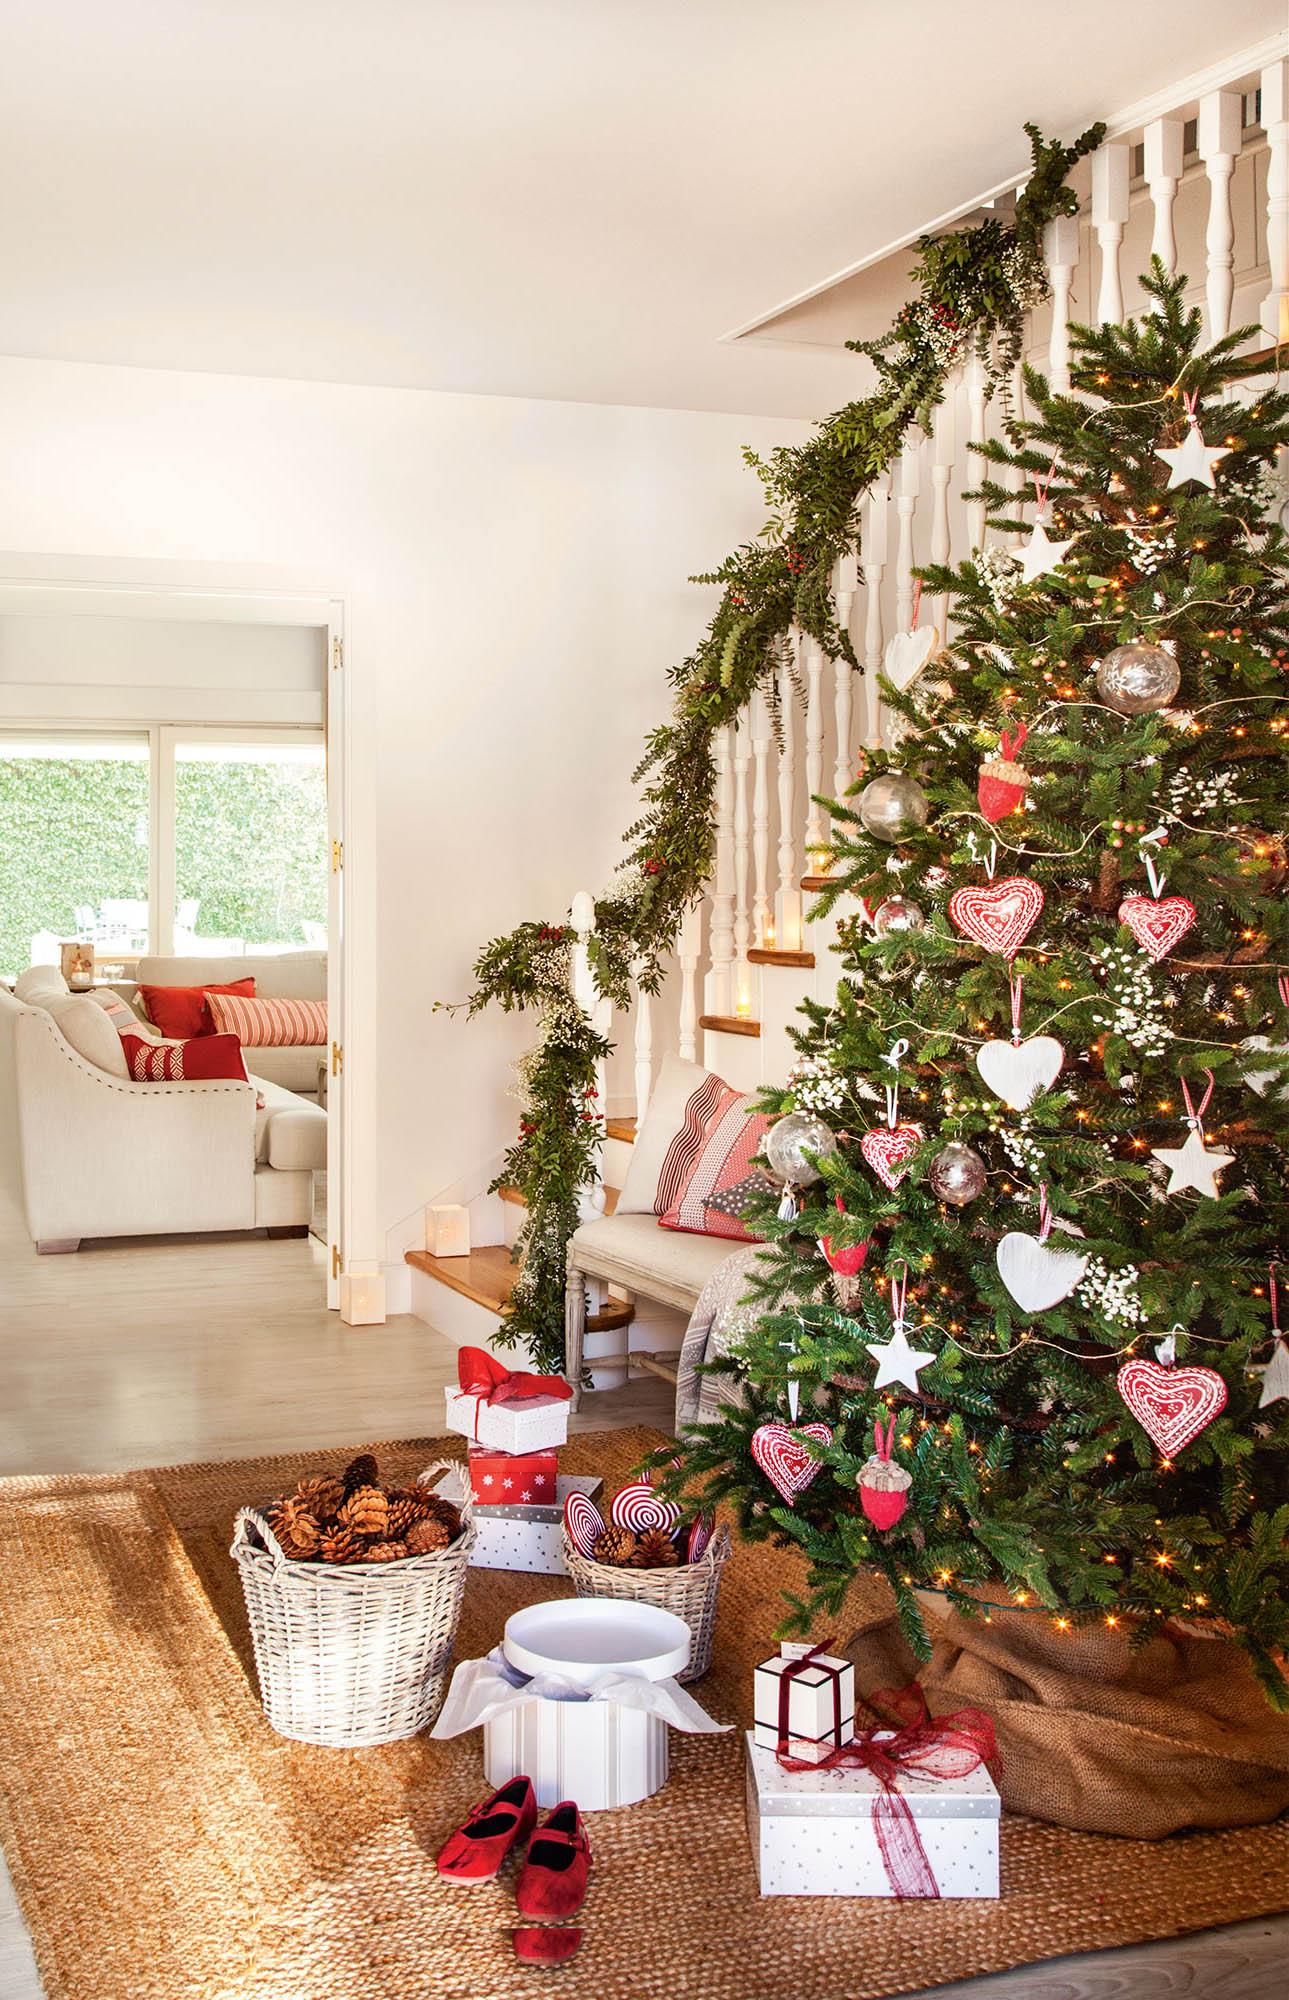 Recibidor con vistas al salón decorado de Navidad con un gran árbol con adornos en rojo y blanco